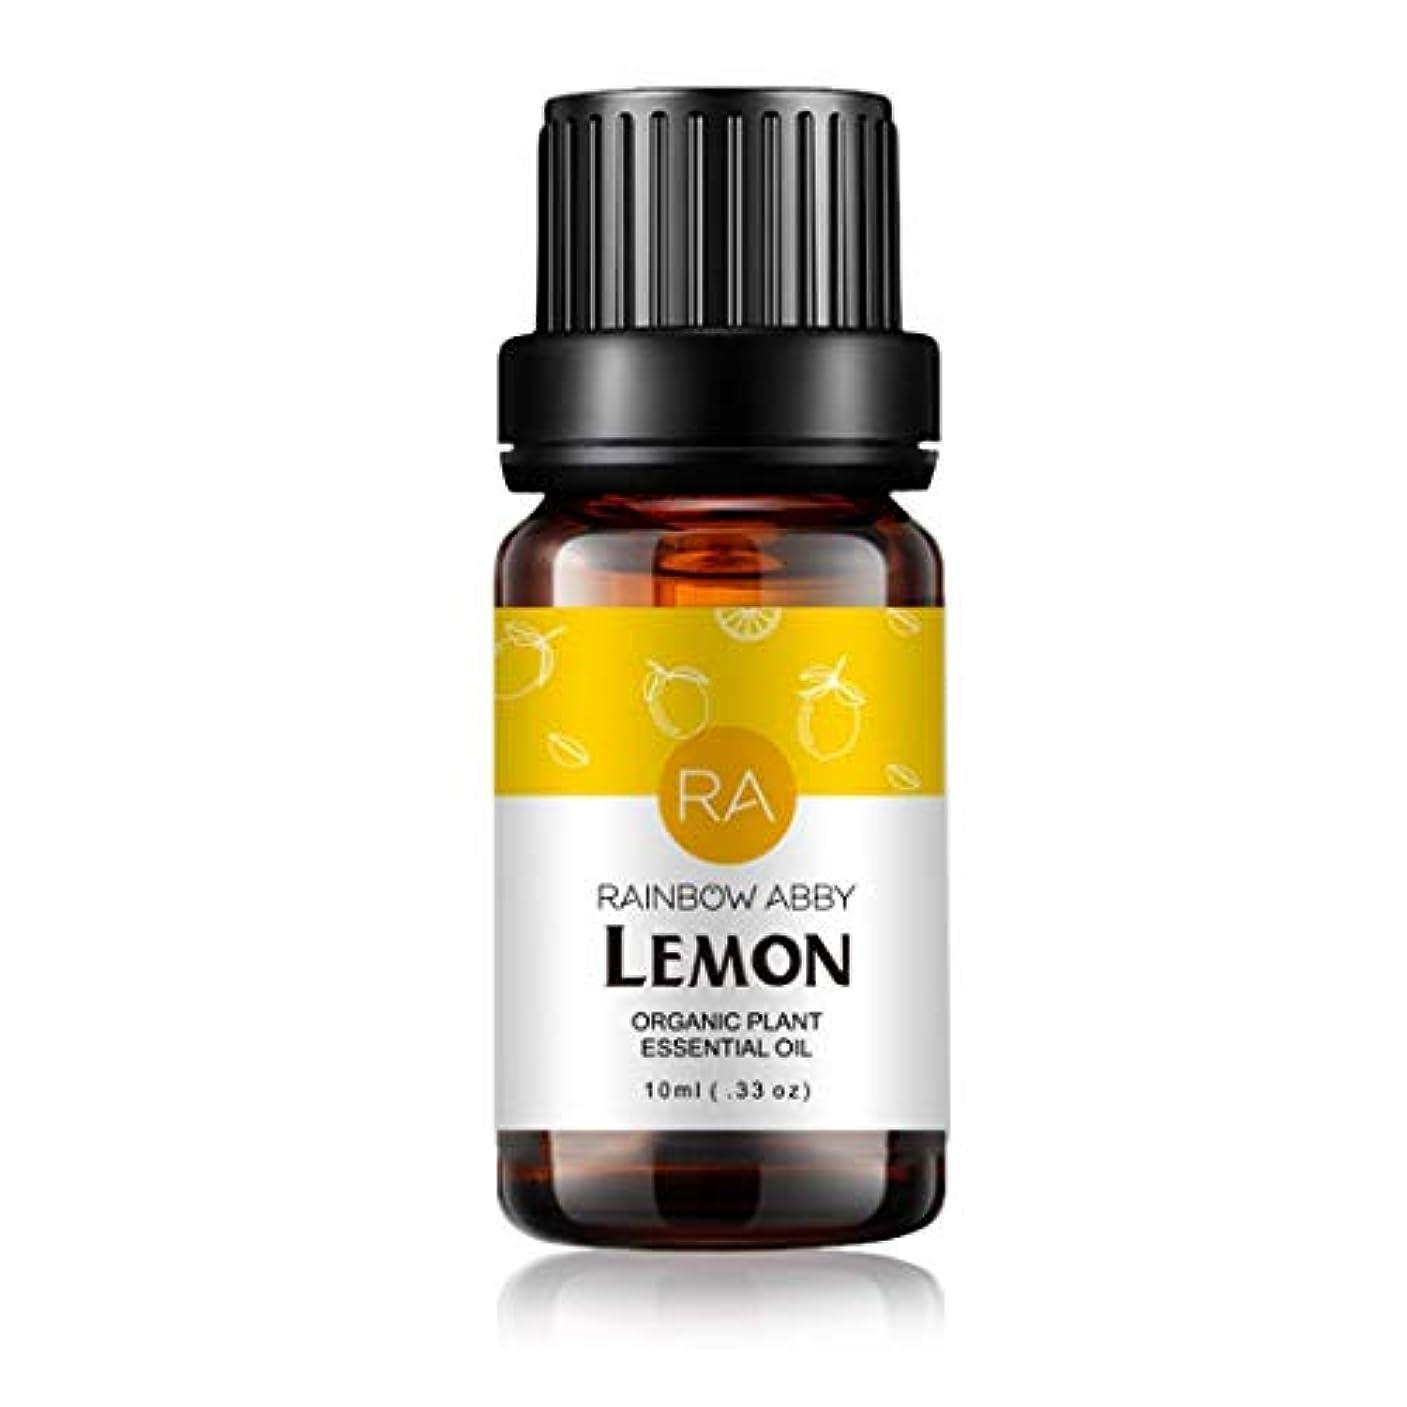 葡萄収束マウスRAINBOW ABBY レモンエッセンシャル オイル ディフューザー アロマ セラピー オイル 100% ピュアオーガニック 植物 エキスレモン オイル 10ML/0.33oz